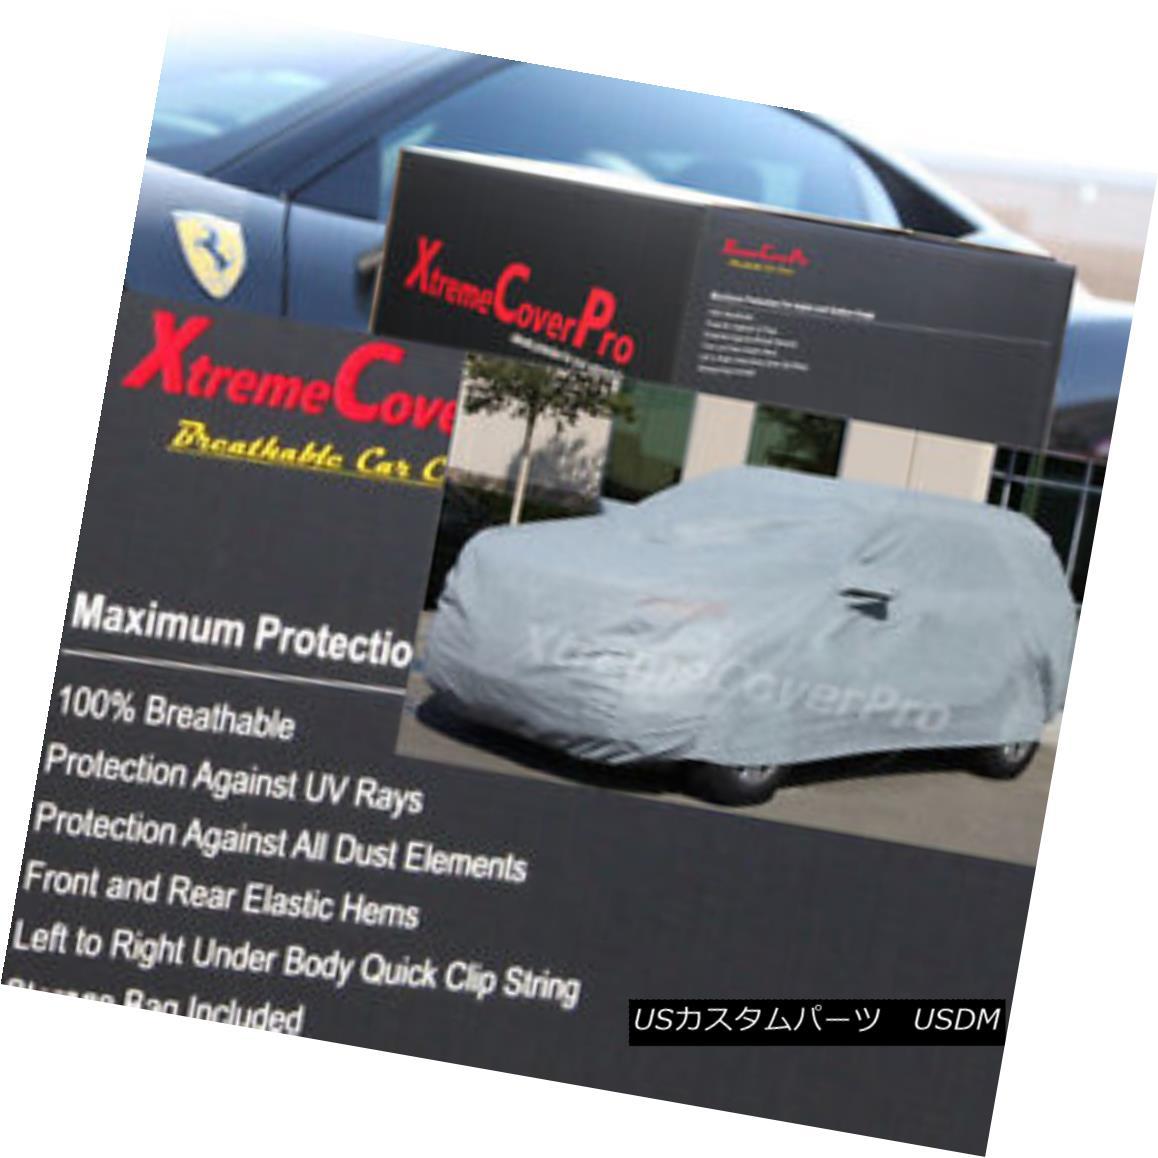 カーカバー 2014 Jeep Cherokee Breathable Car Cover w/ Mirror Pocket 2014ジープチェロキー通気性の車カバー(ミラーポケット付)